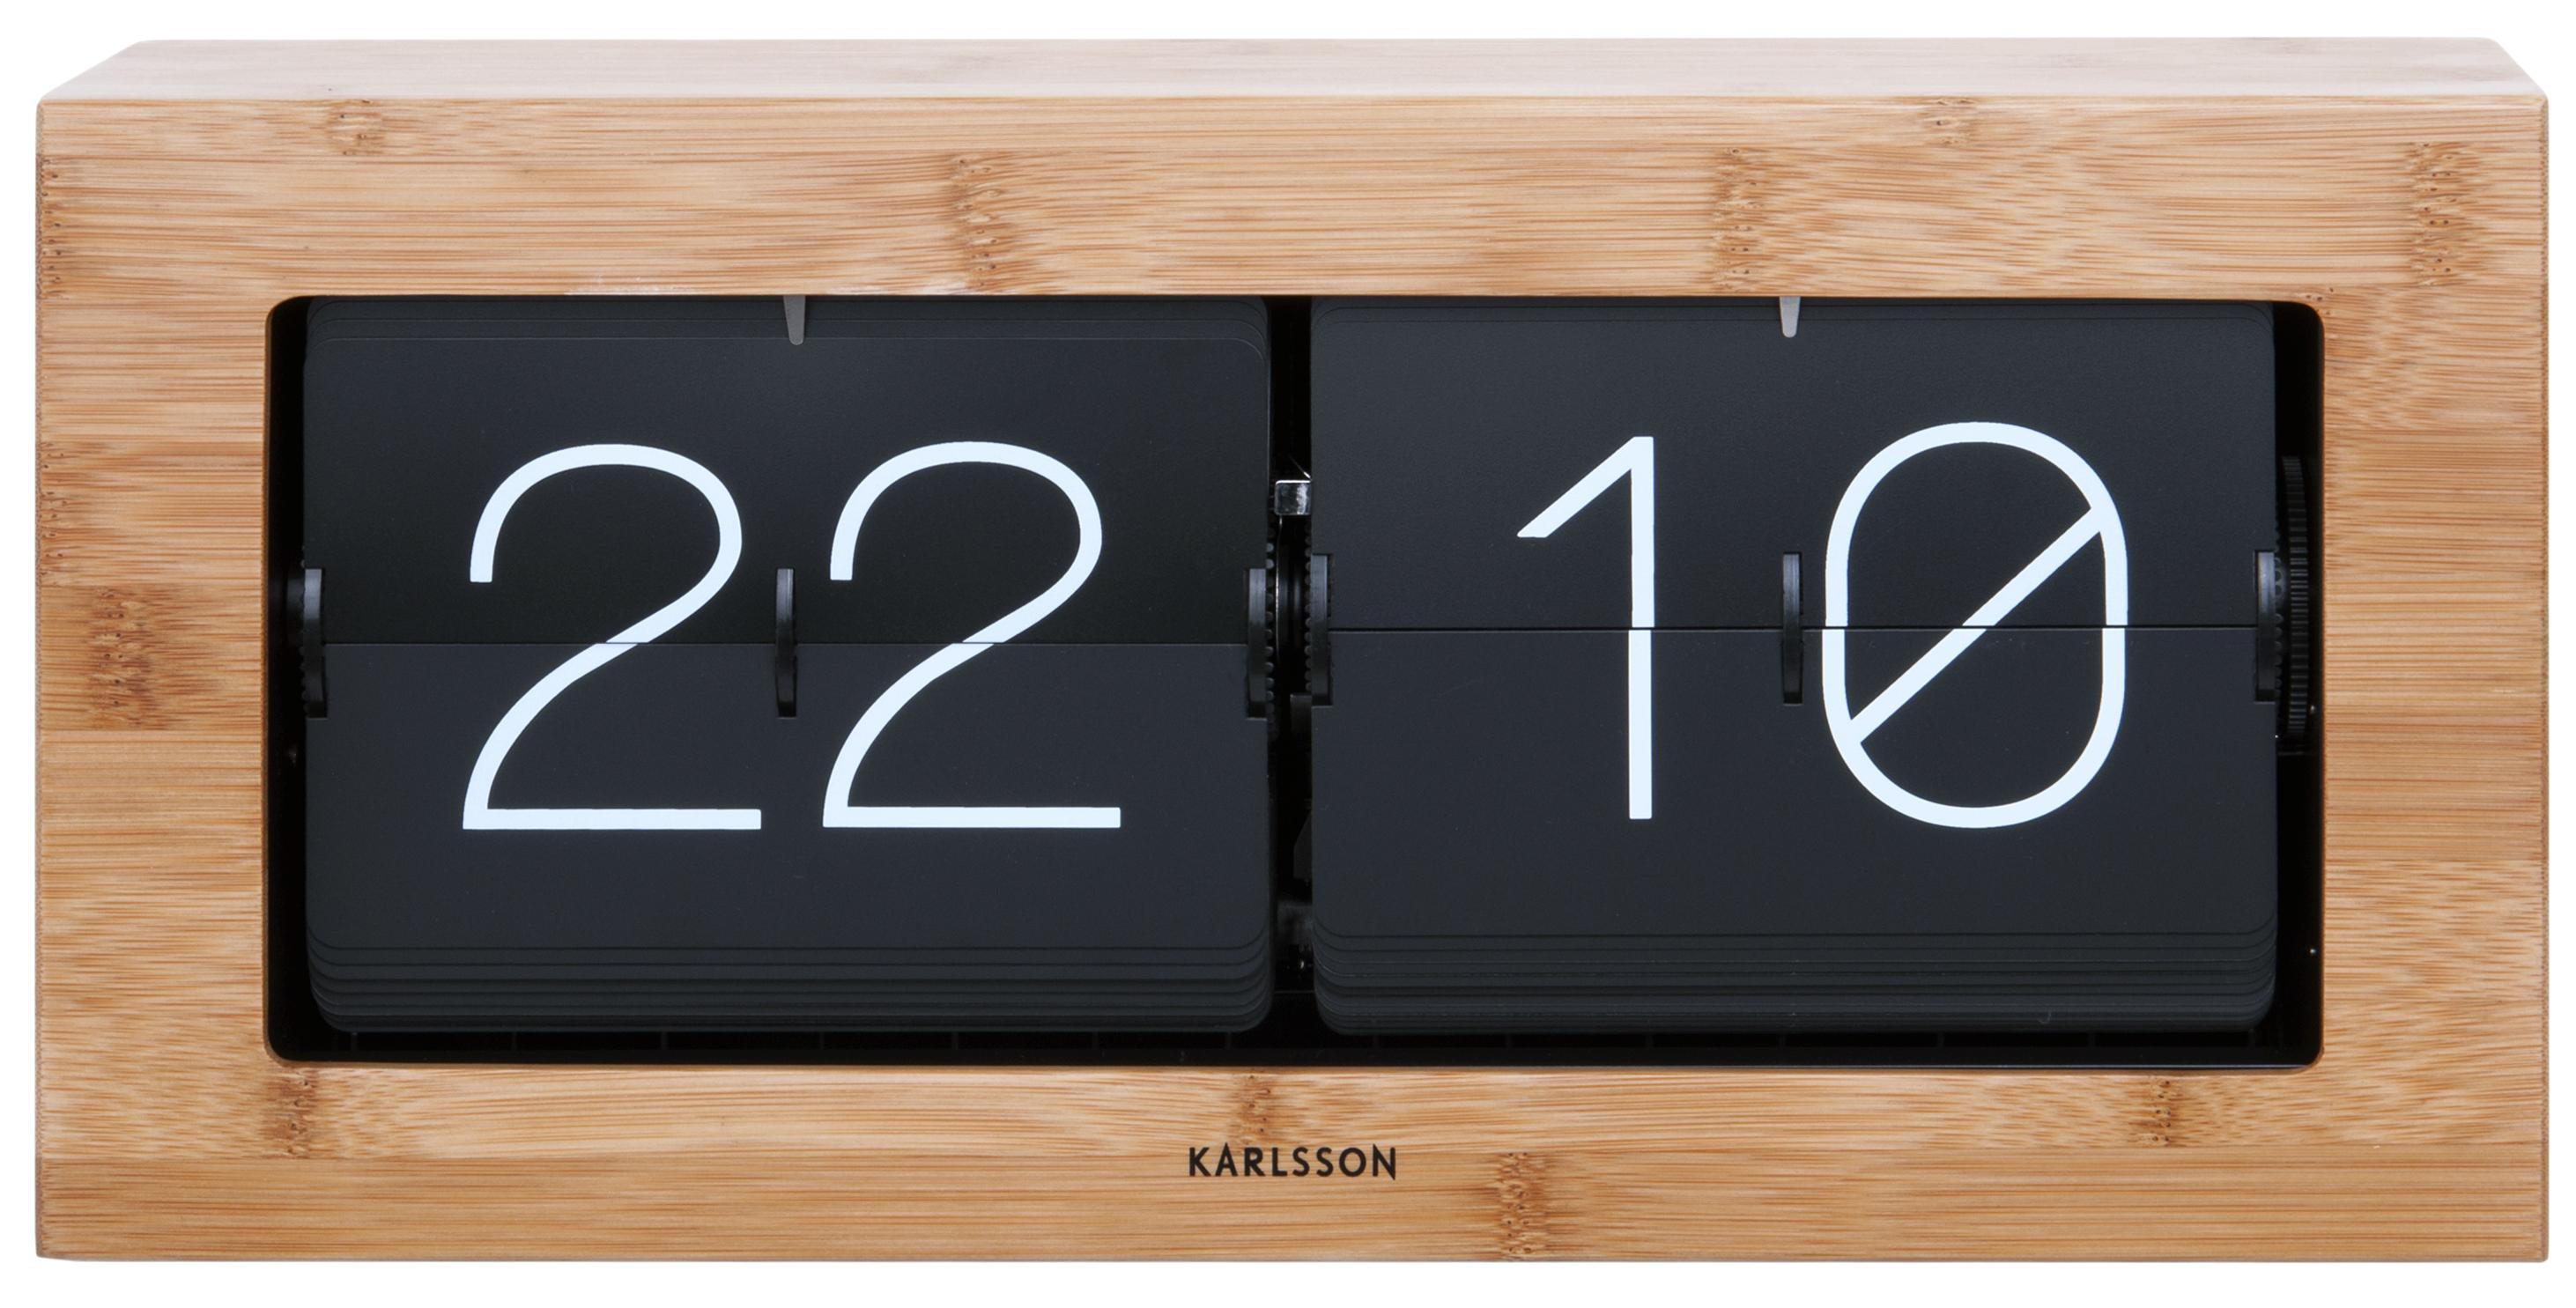 Wanduhr Tischuhr Karlsson Boxed Big Flip KA5642WD günstig auf laclock kaufen